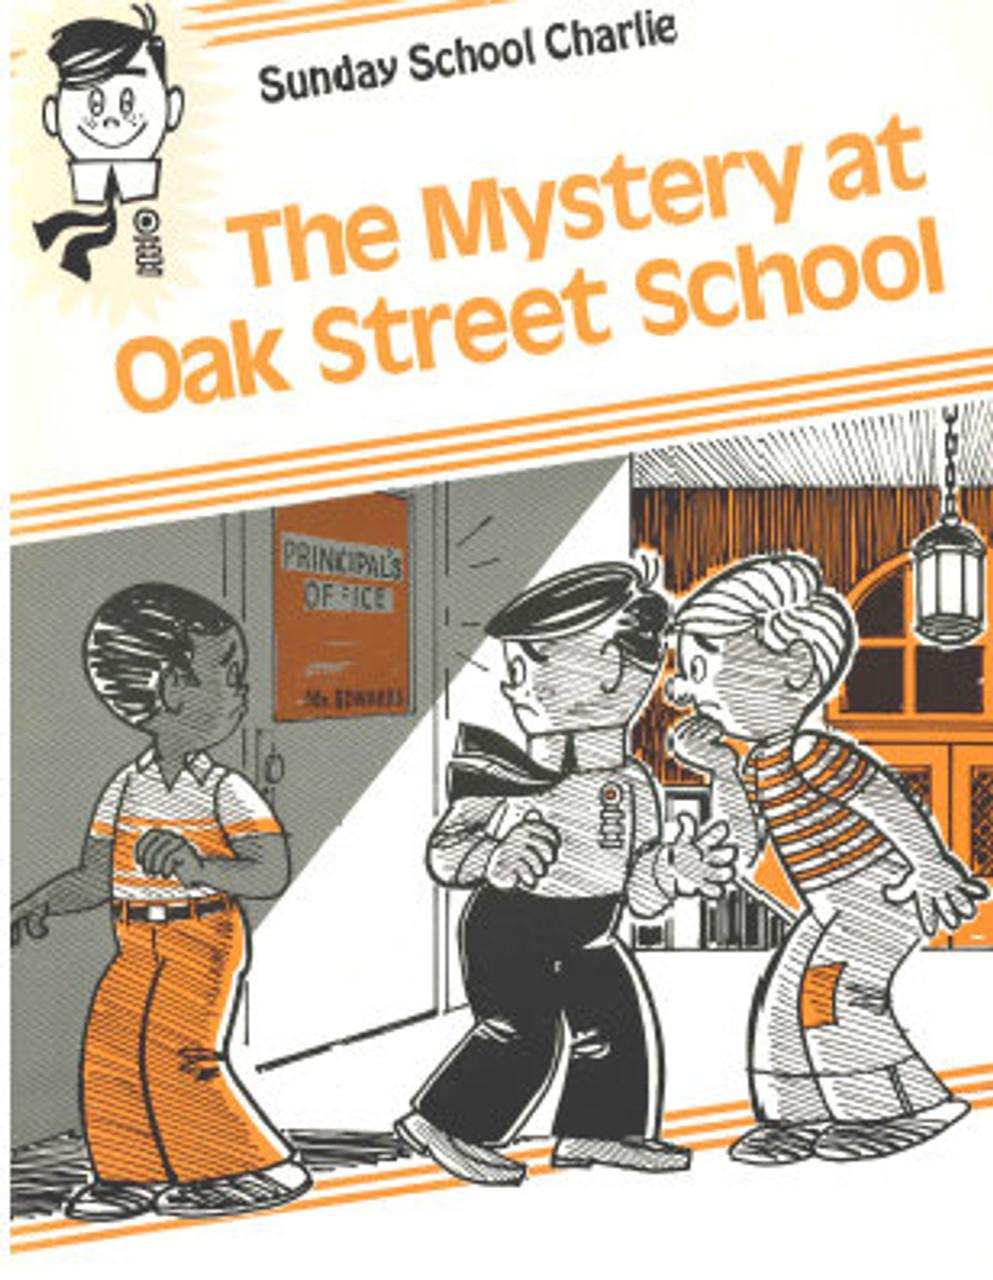 Mystery at Oak Street School